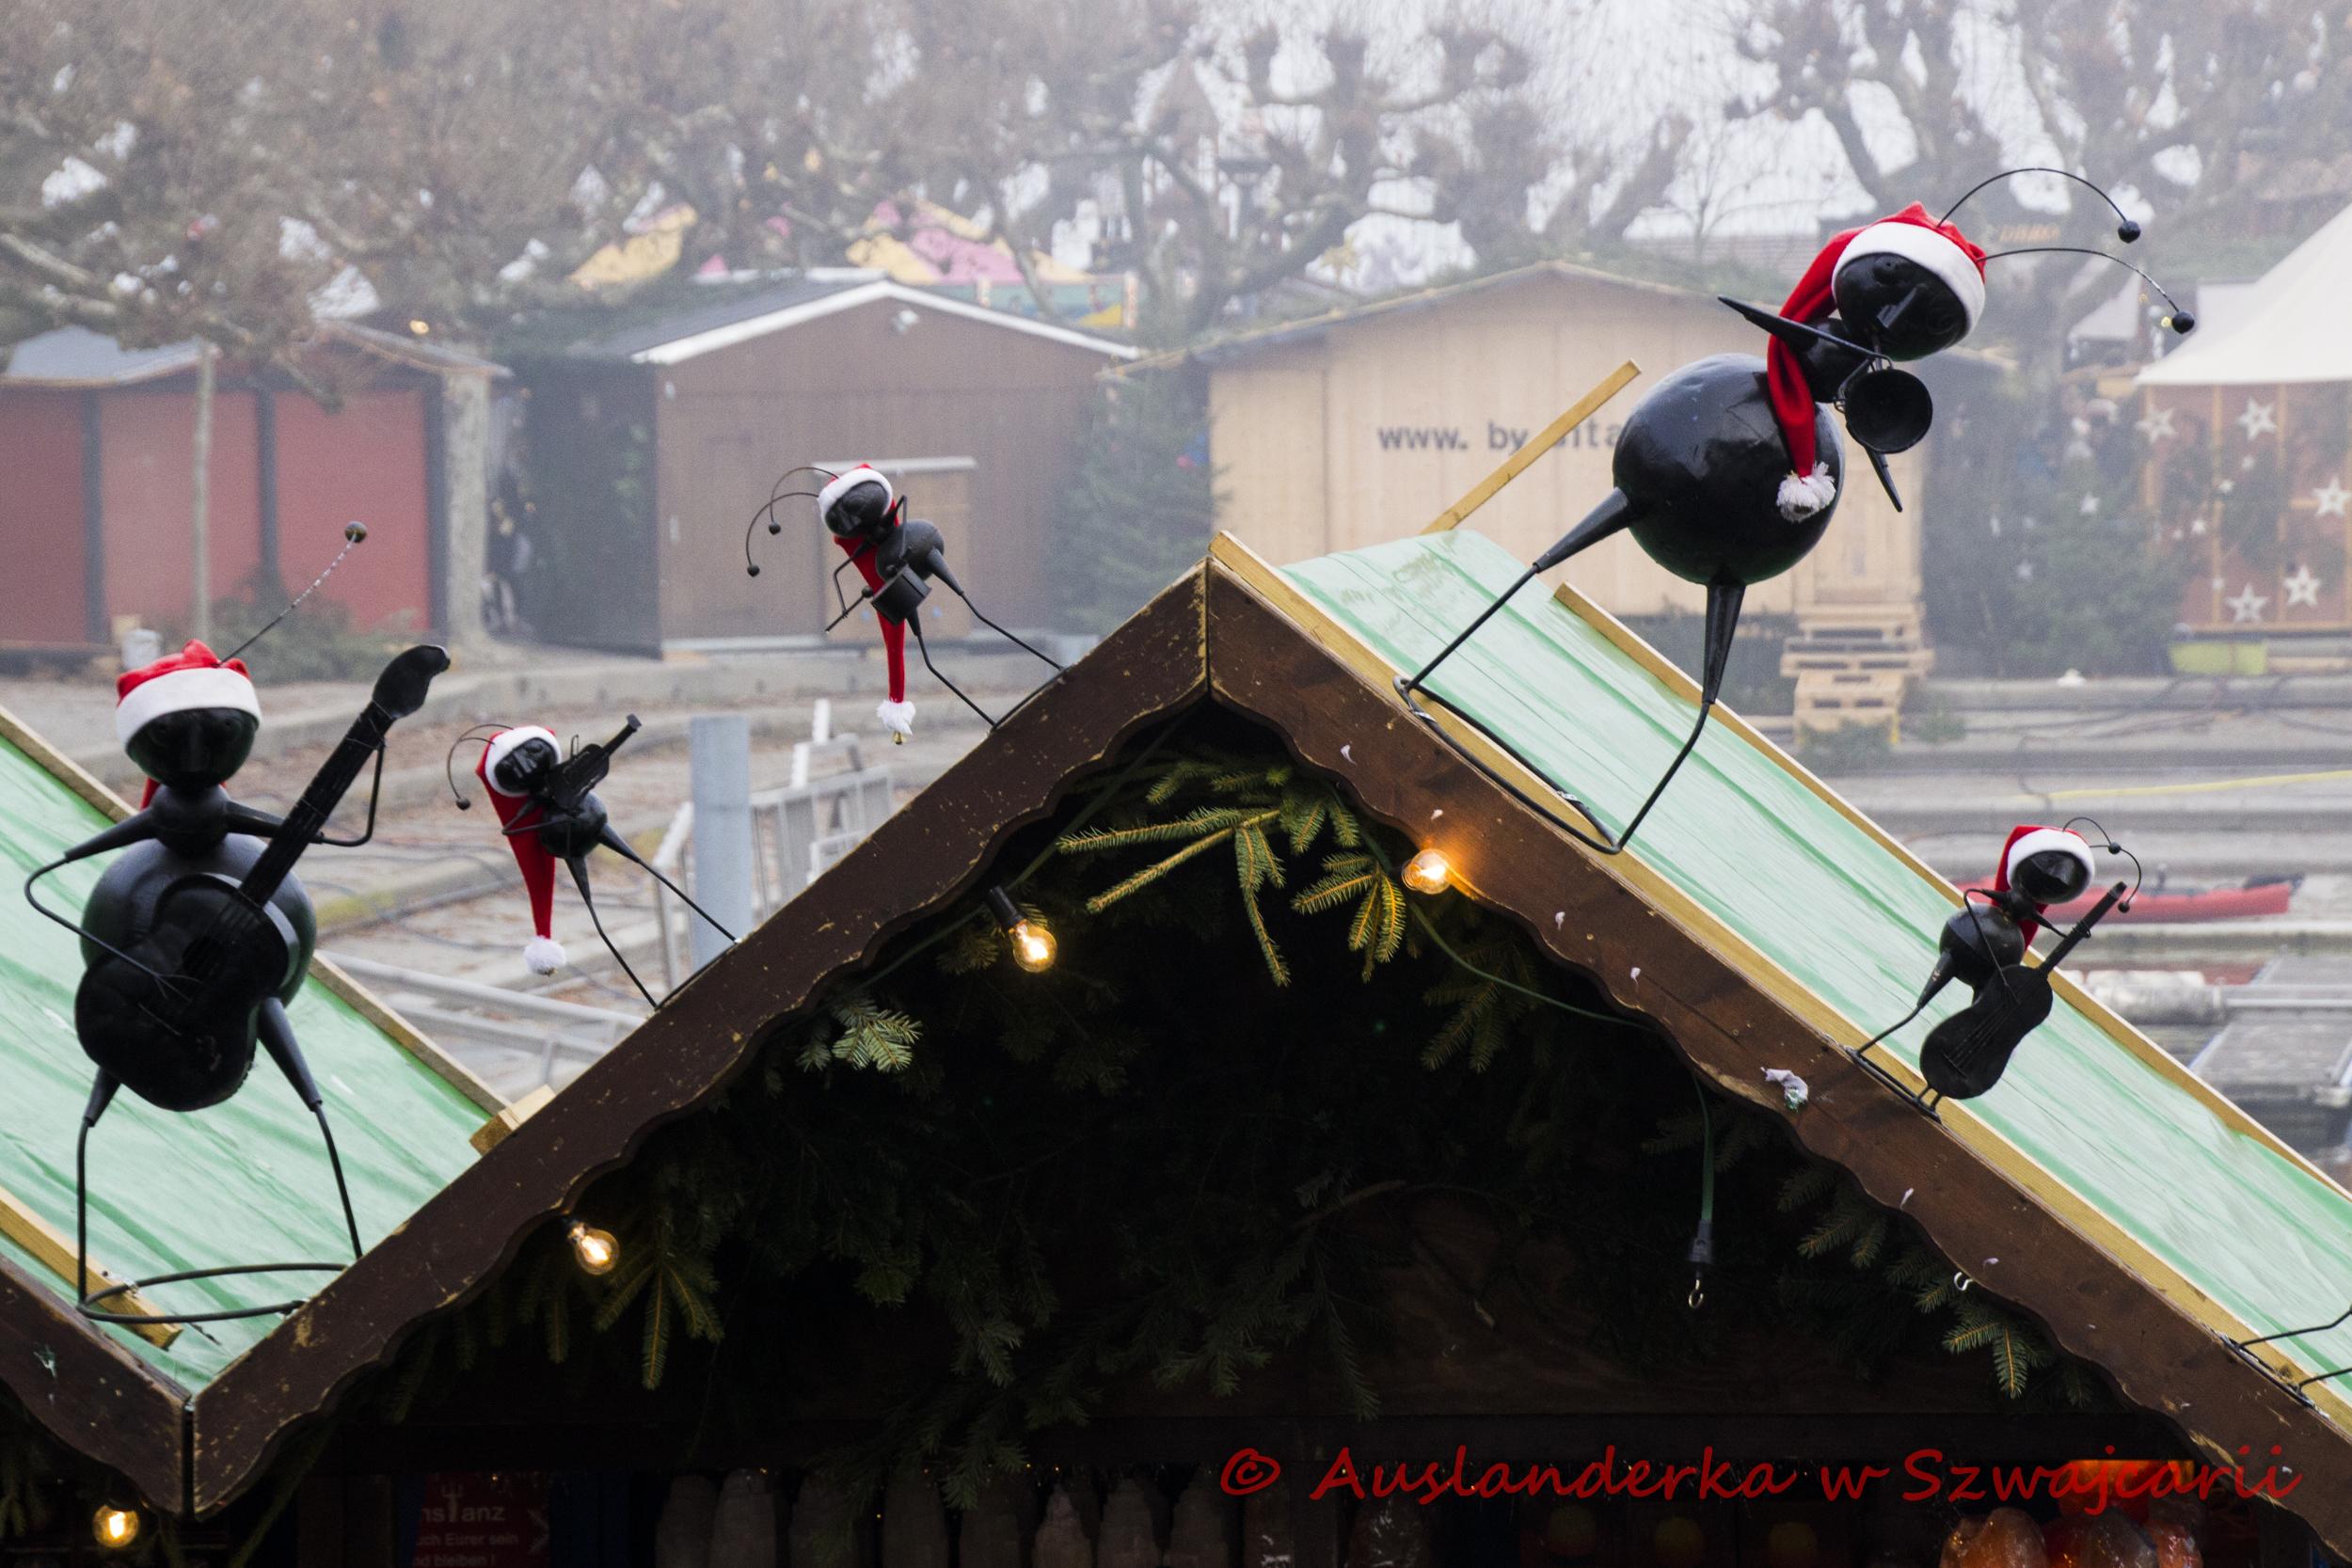 20161210_weihnachtsmarkt_konstanz_joannarutkoseitler_29